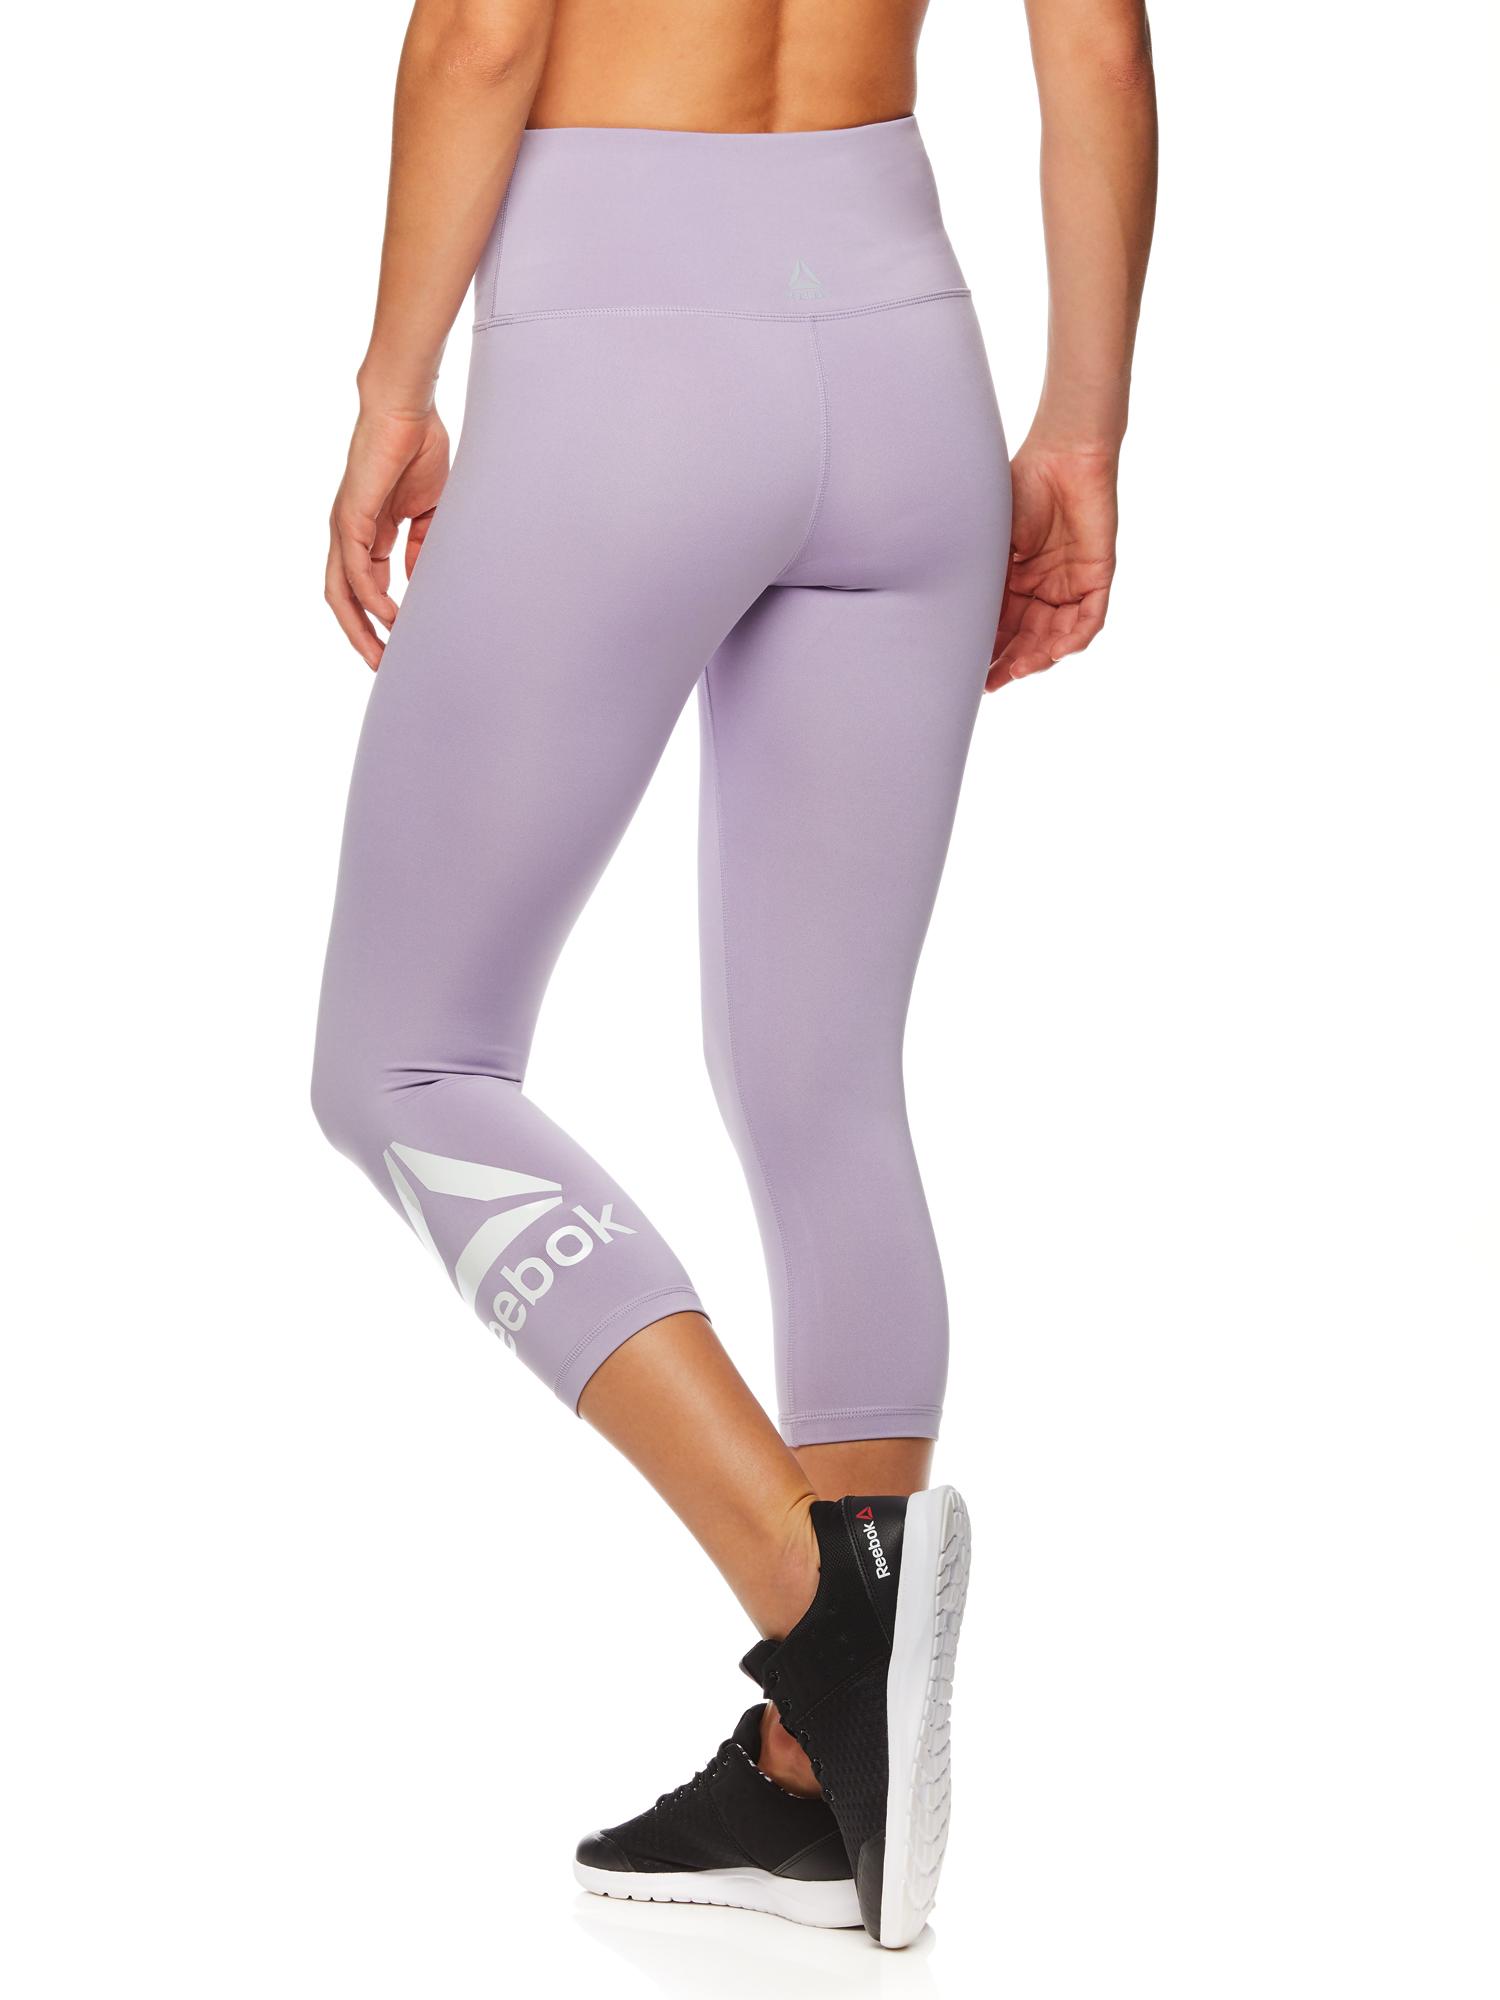 Leggings Black B75360 Reebok Women/'s CrossFit Speedwick Perf